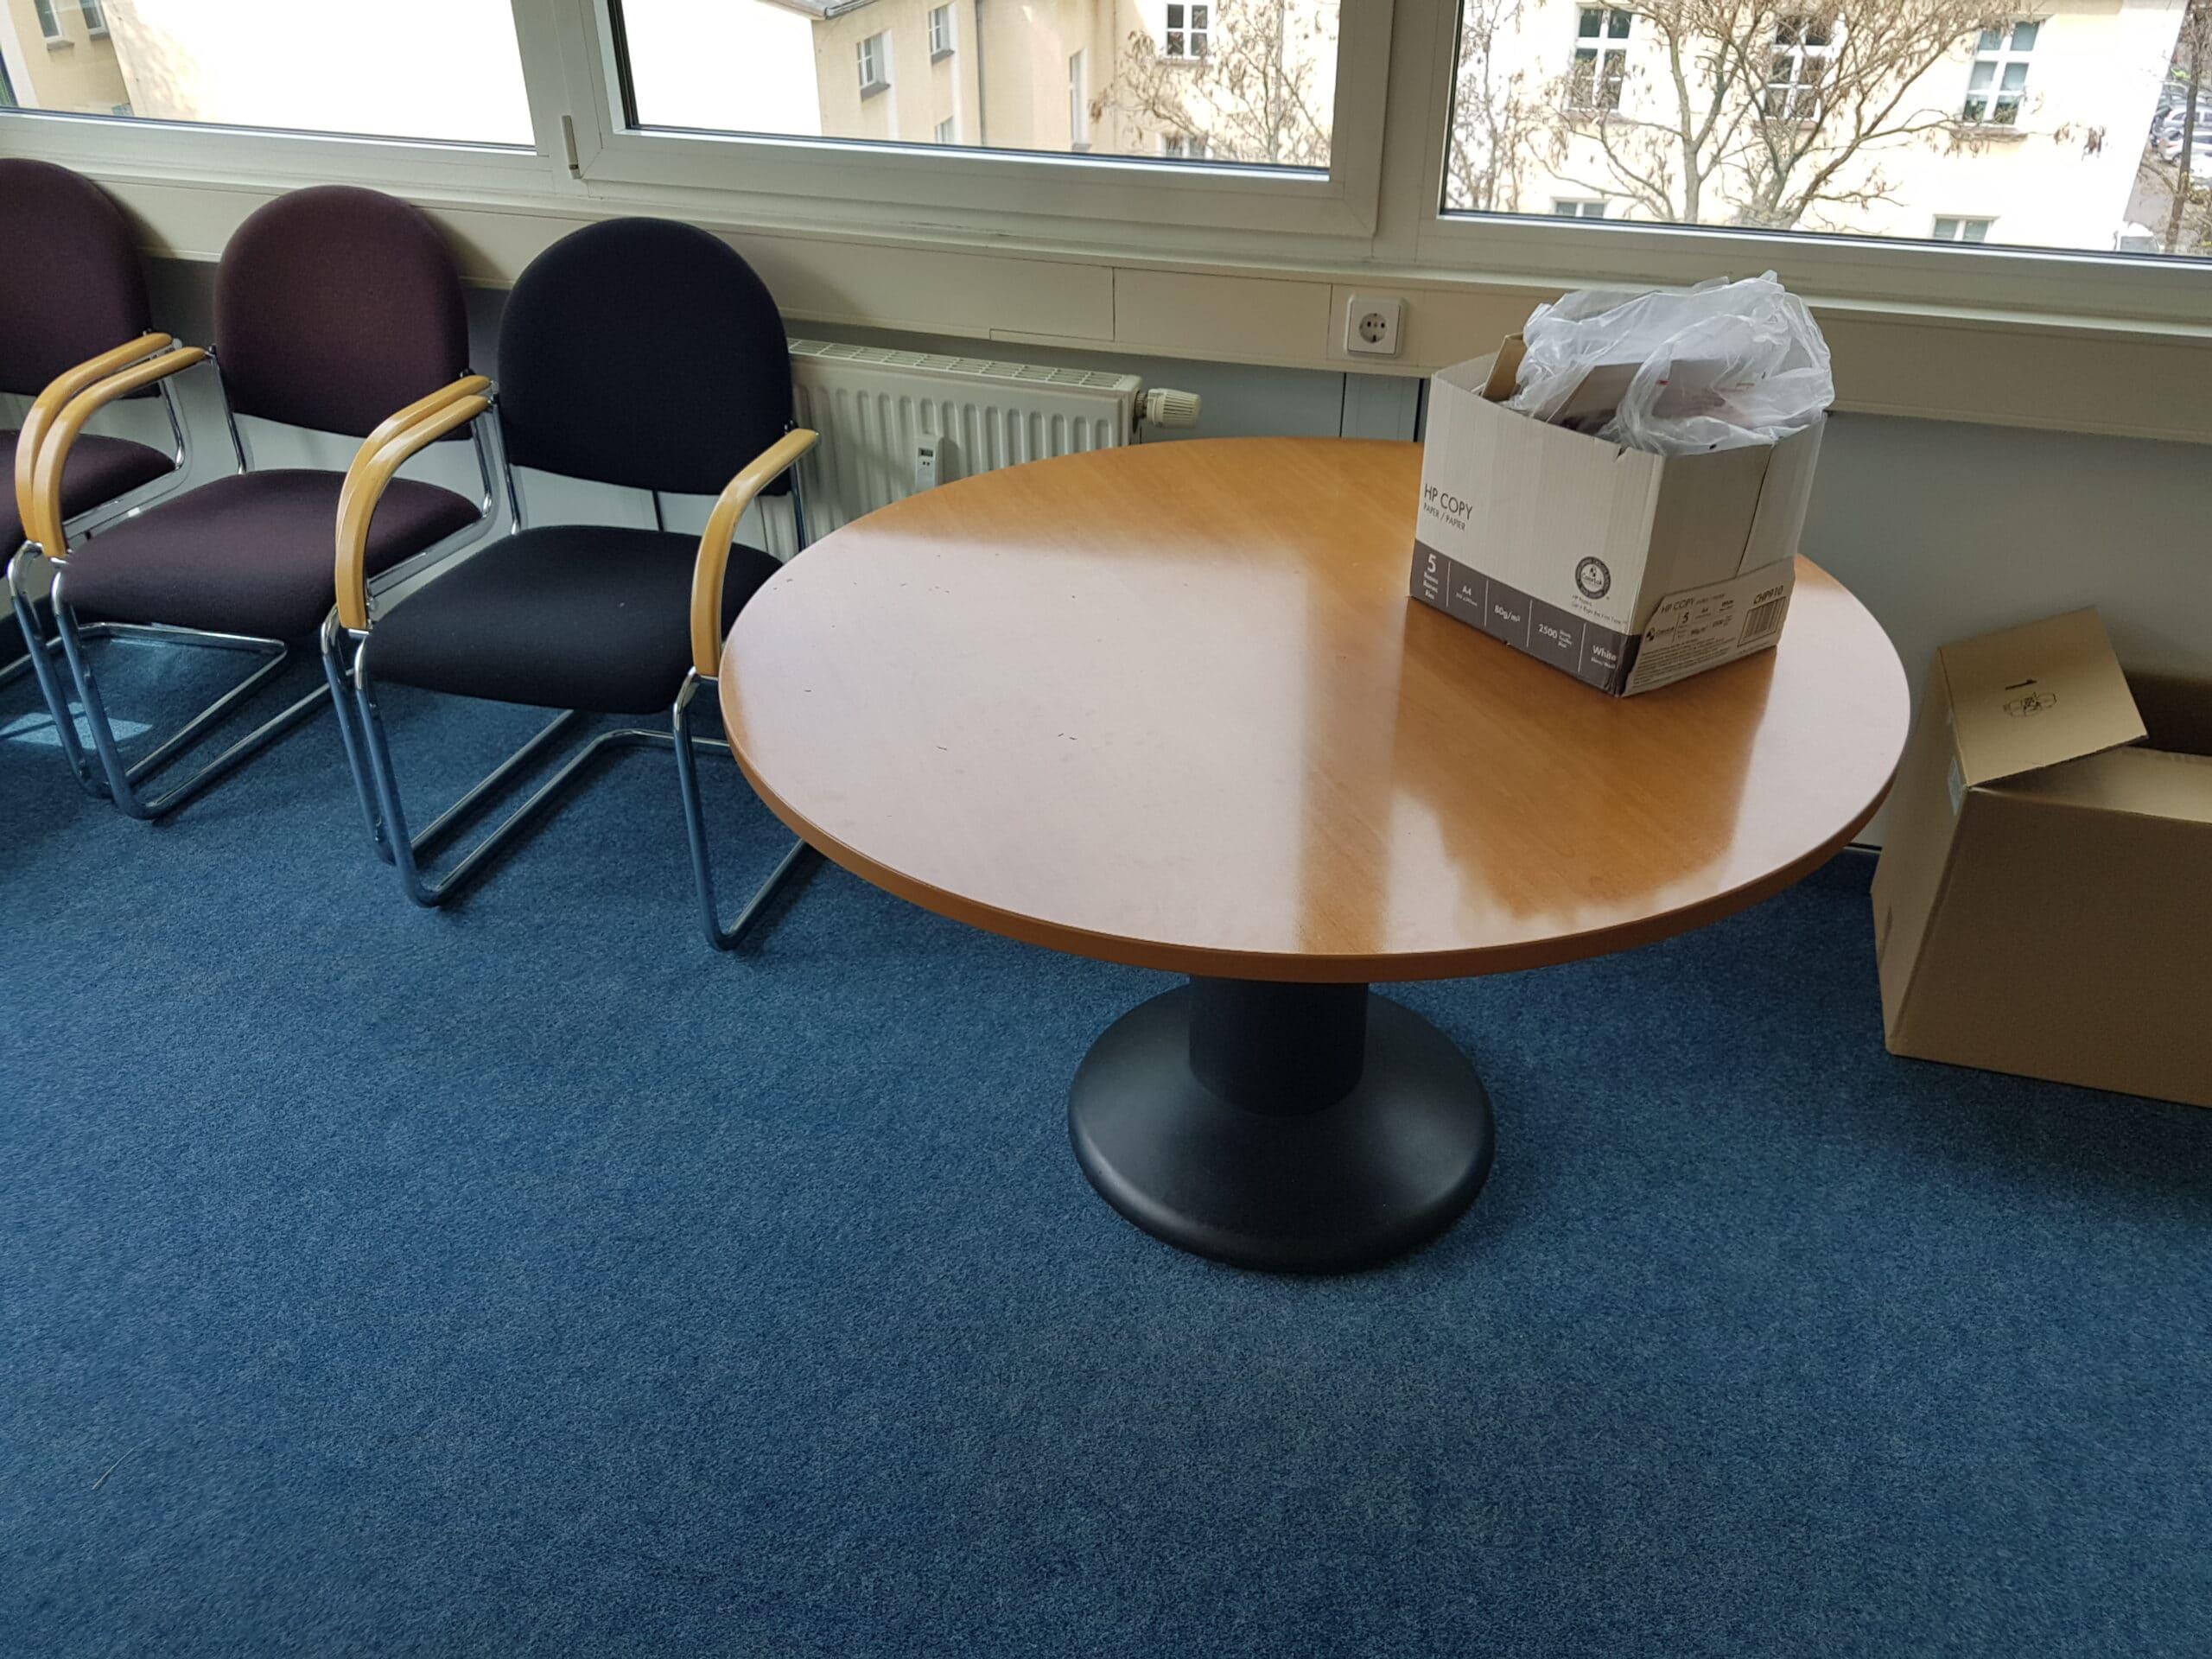 20170503 111917 - Möbel kostenlos in Berlin Friedrichshain bis zum 15.05.17 abzugeben